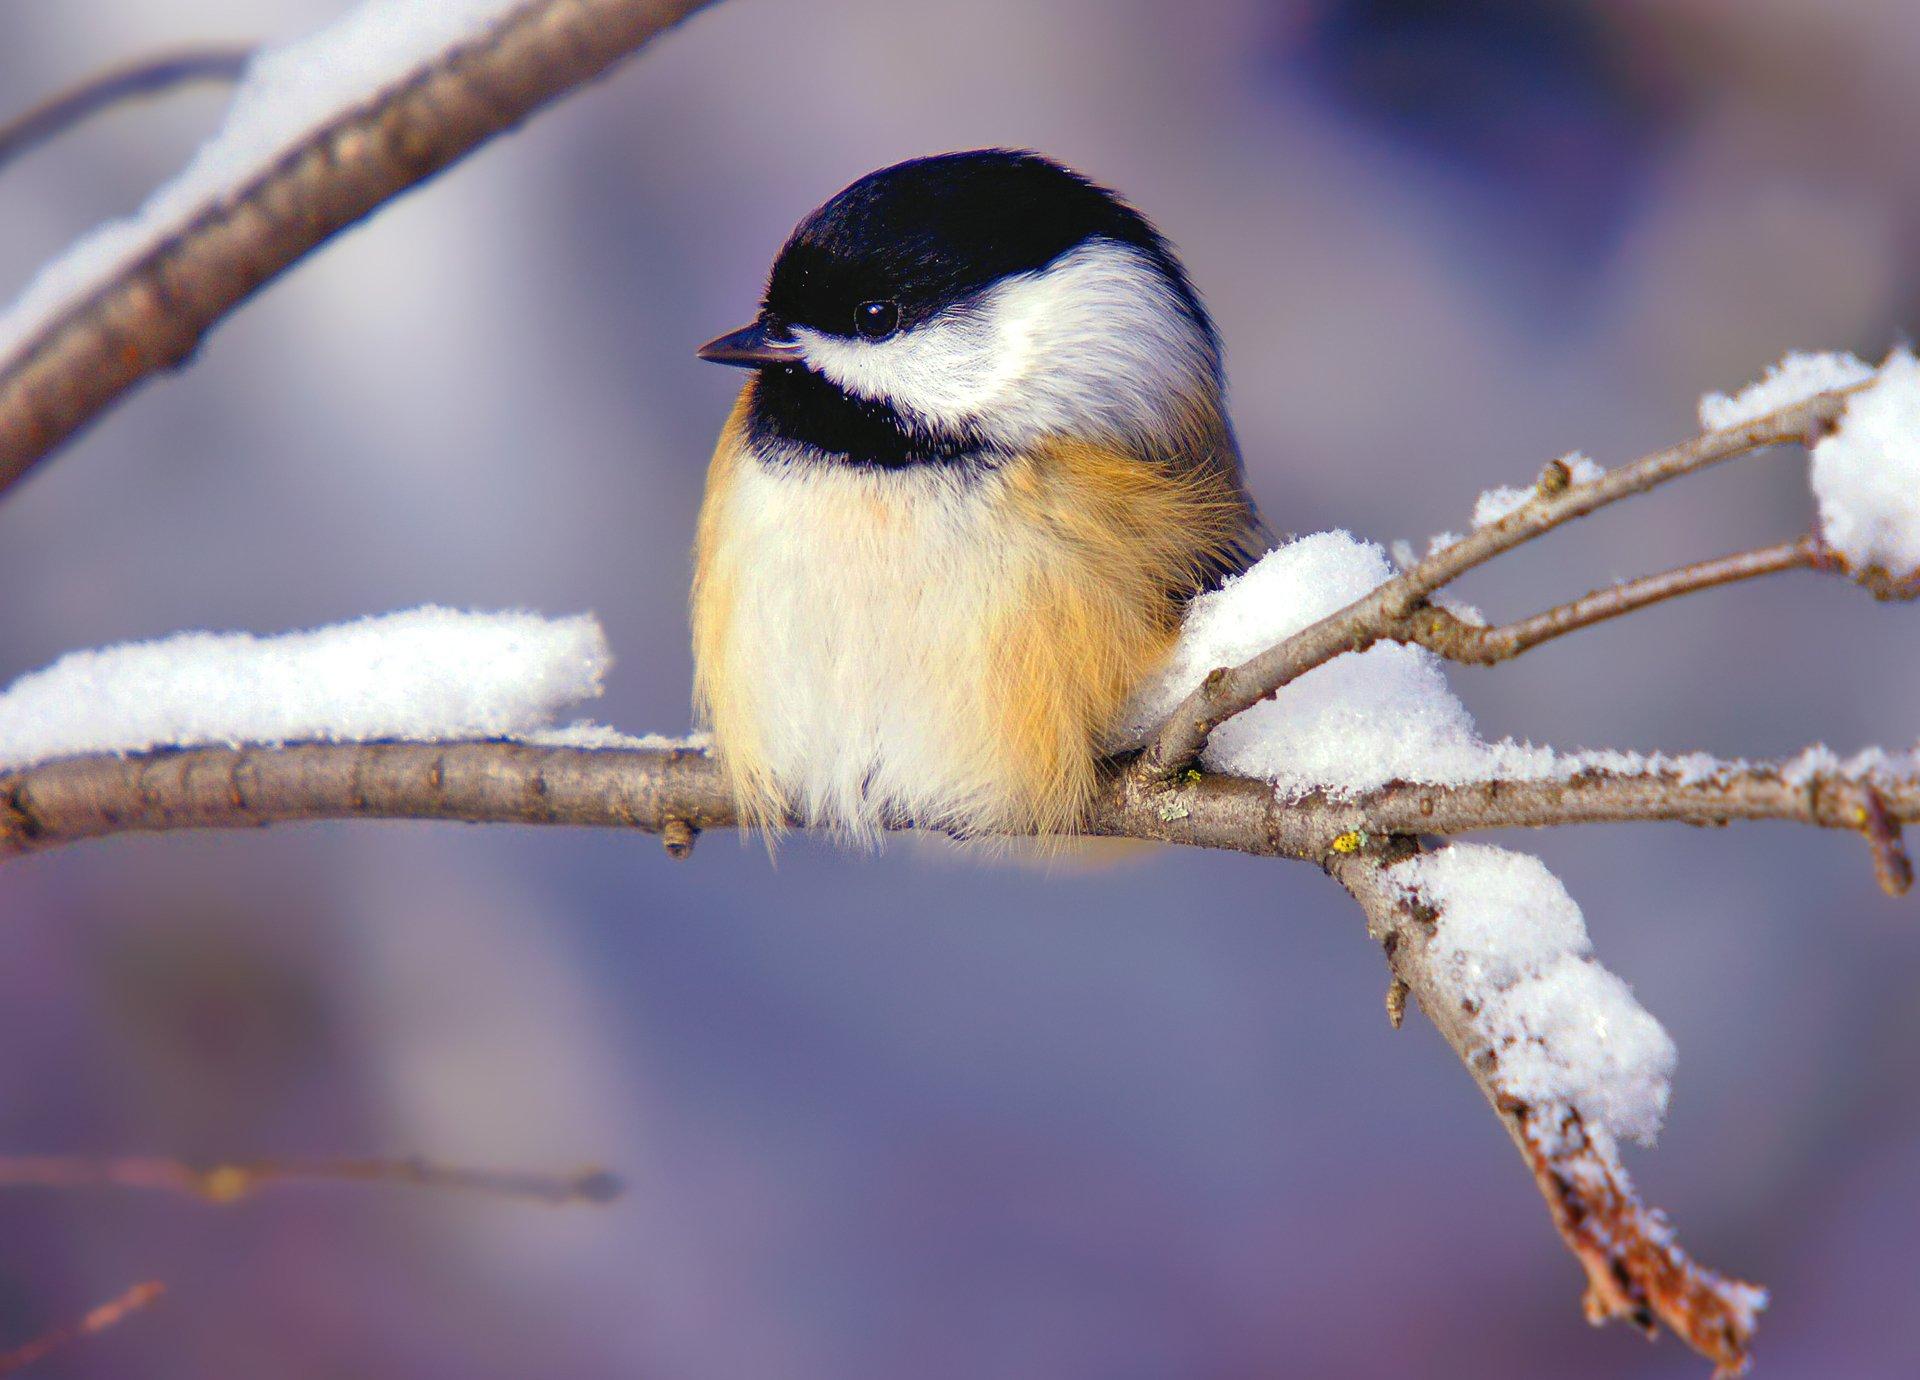 природа животные птицы деревья зима снег скачать